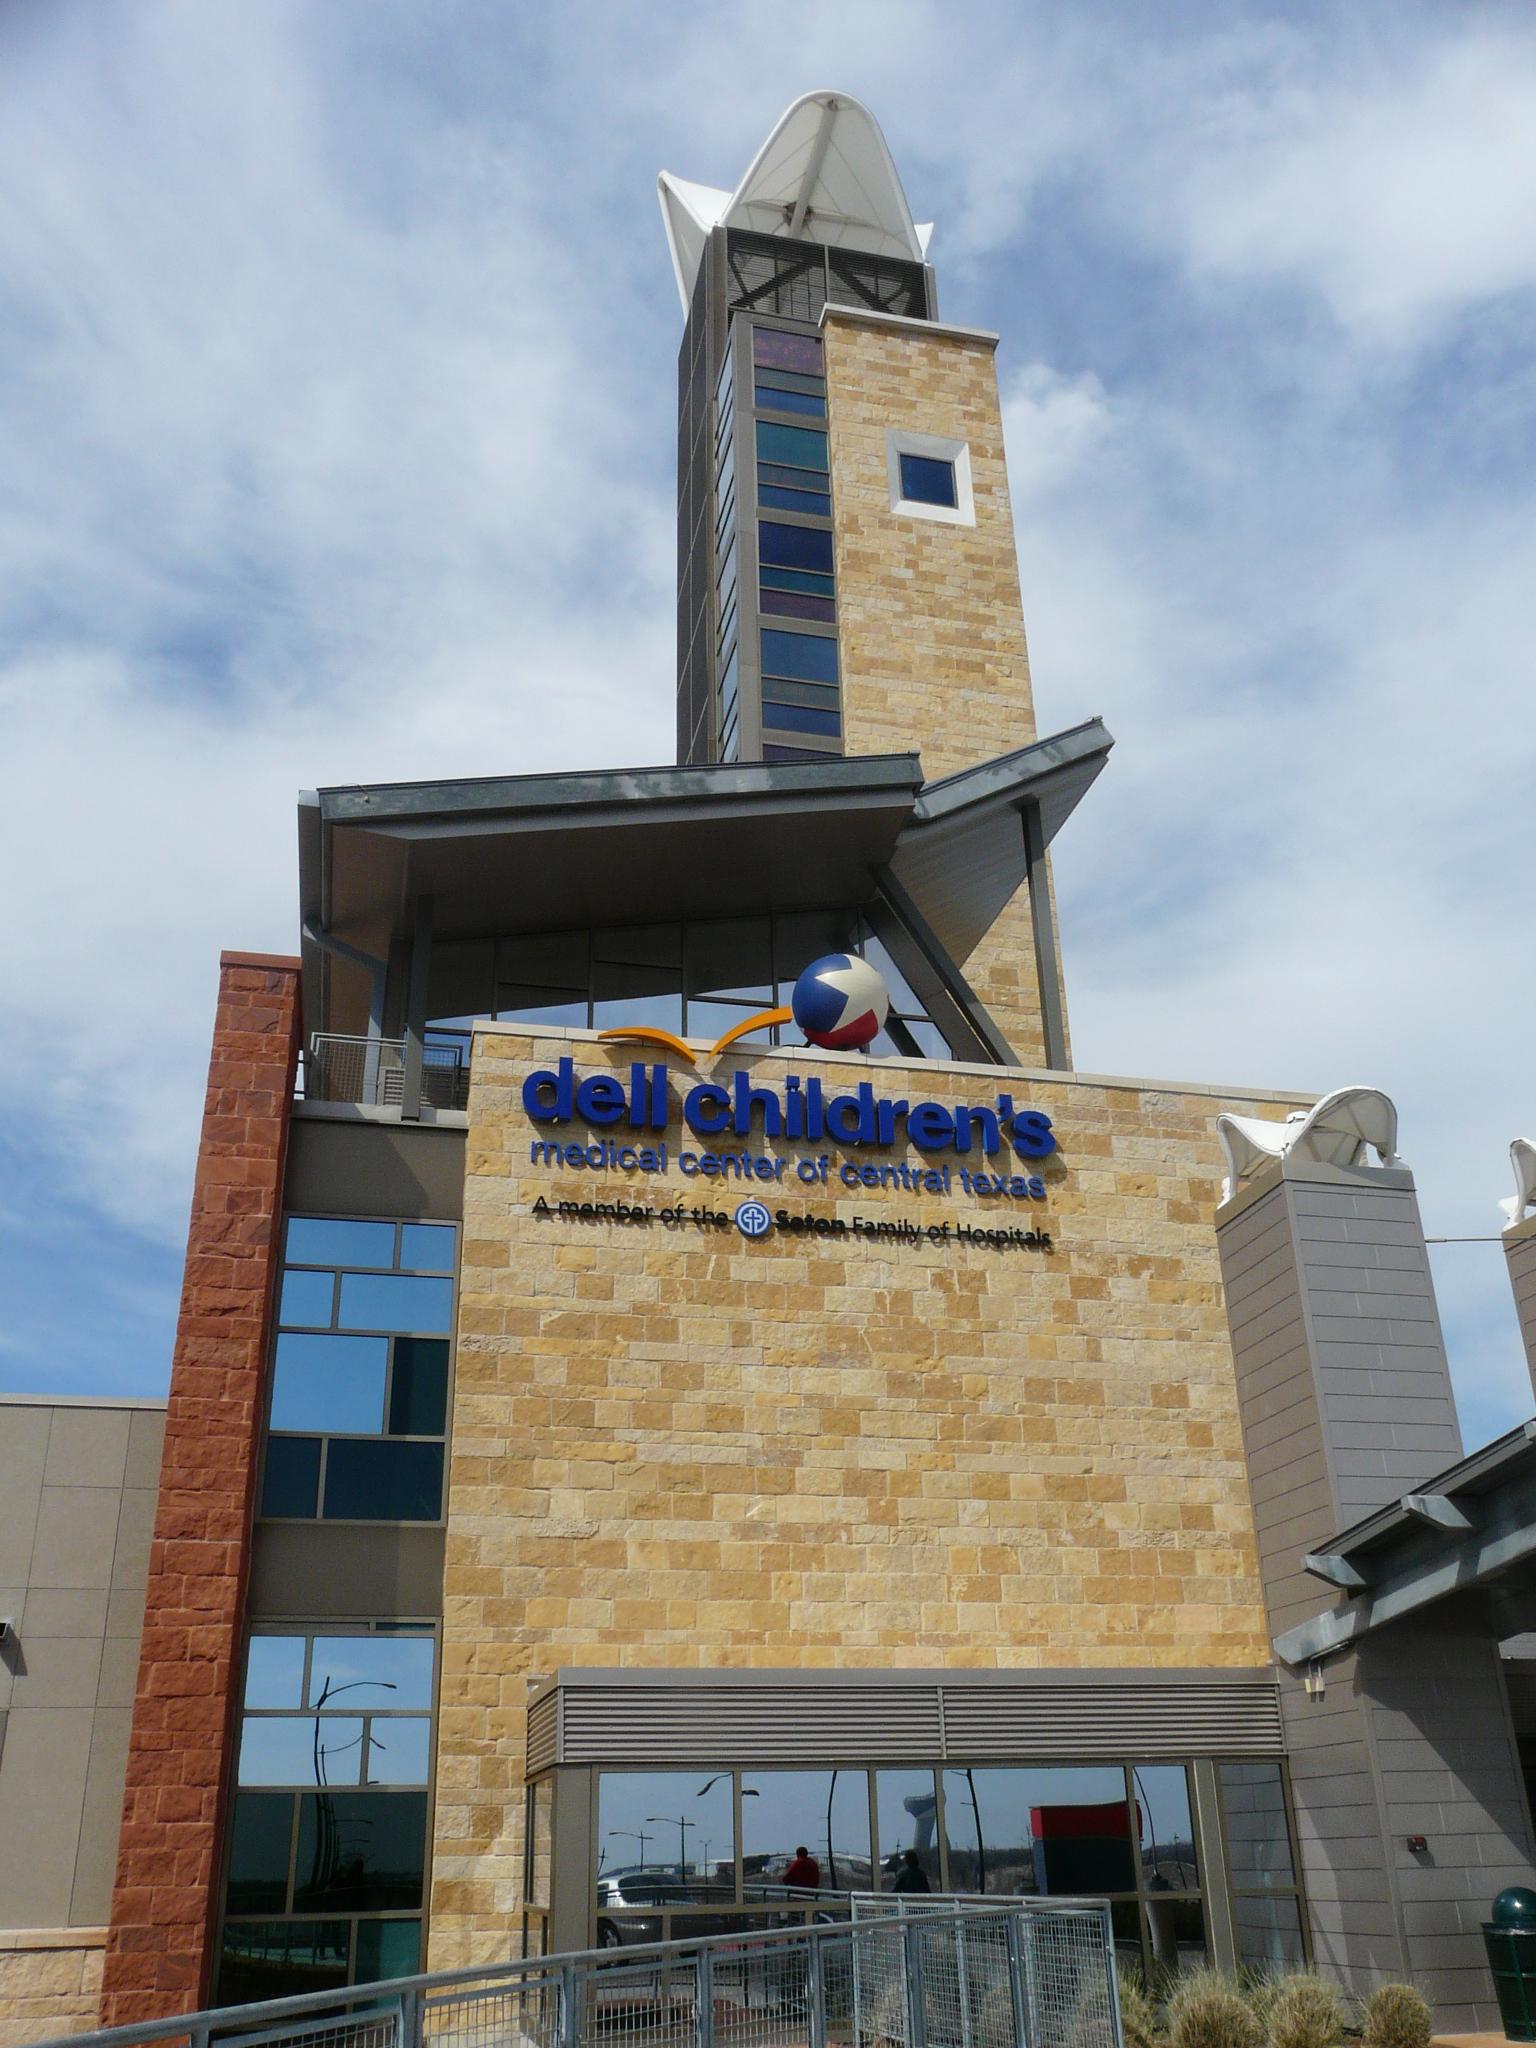 Dell Children's Hospital